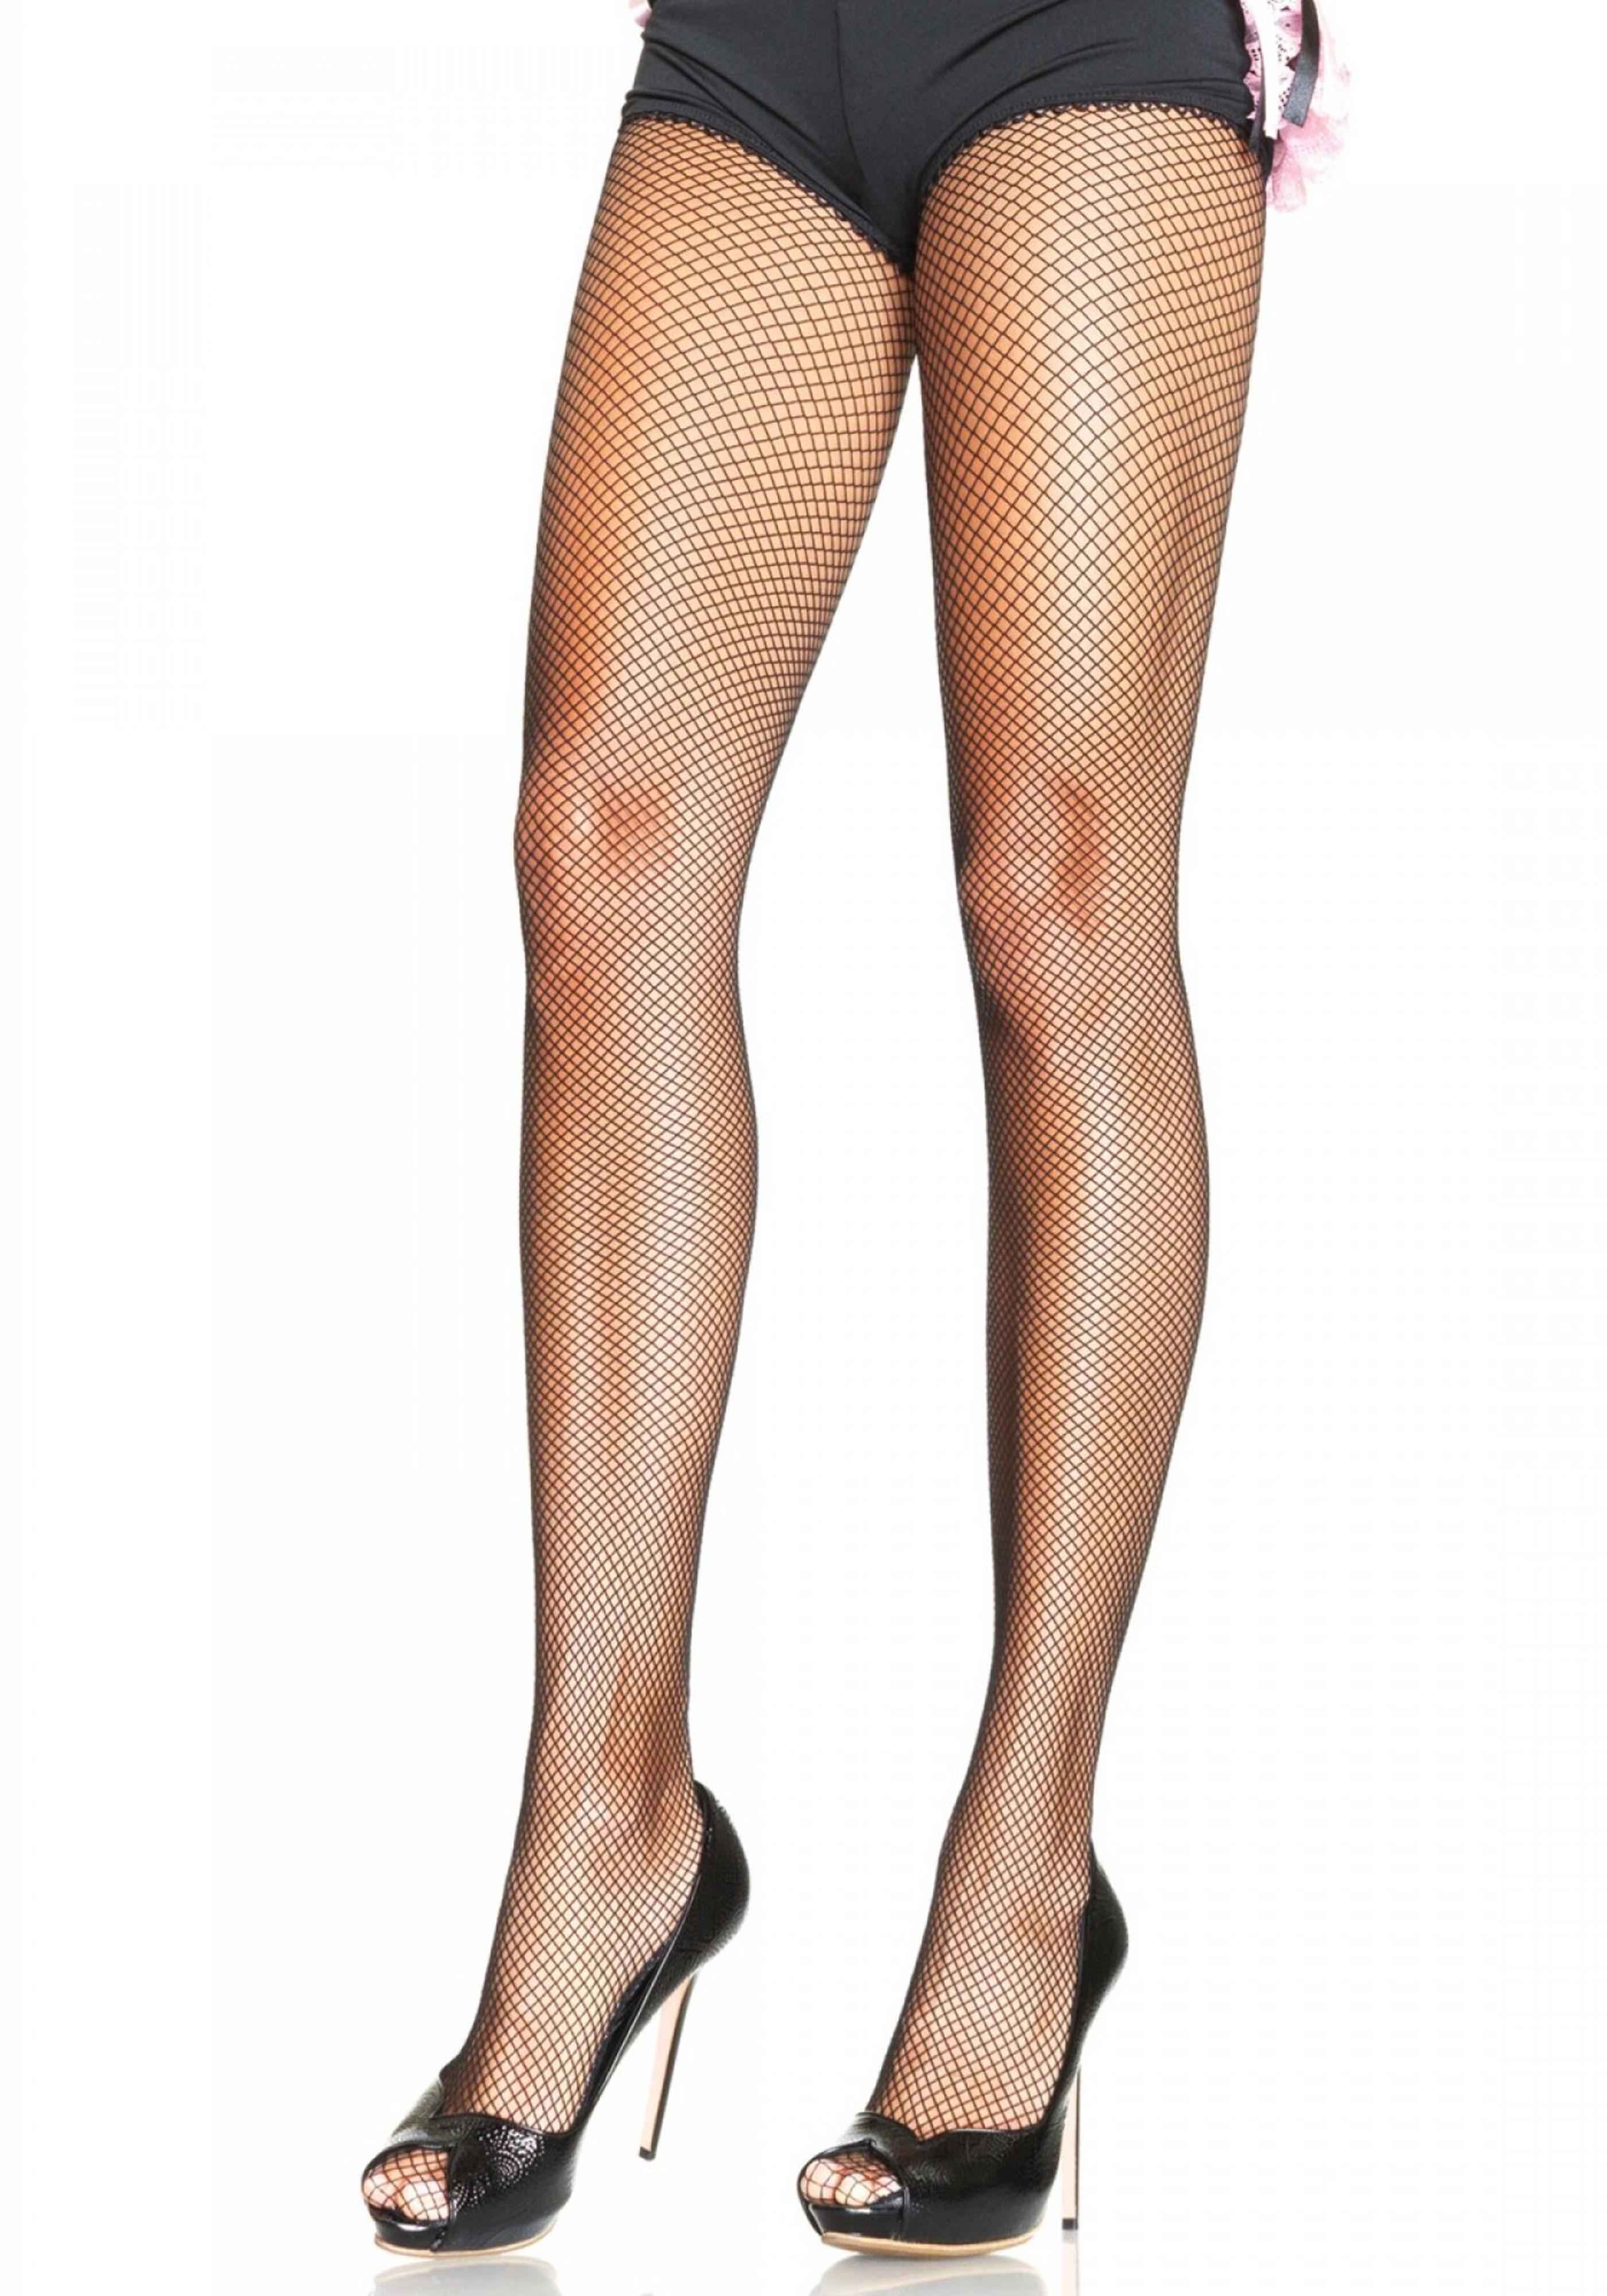 Plus Size Fishnet Pantyhose